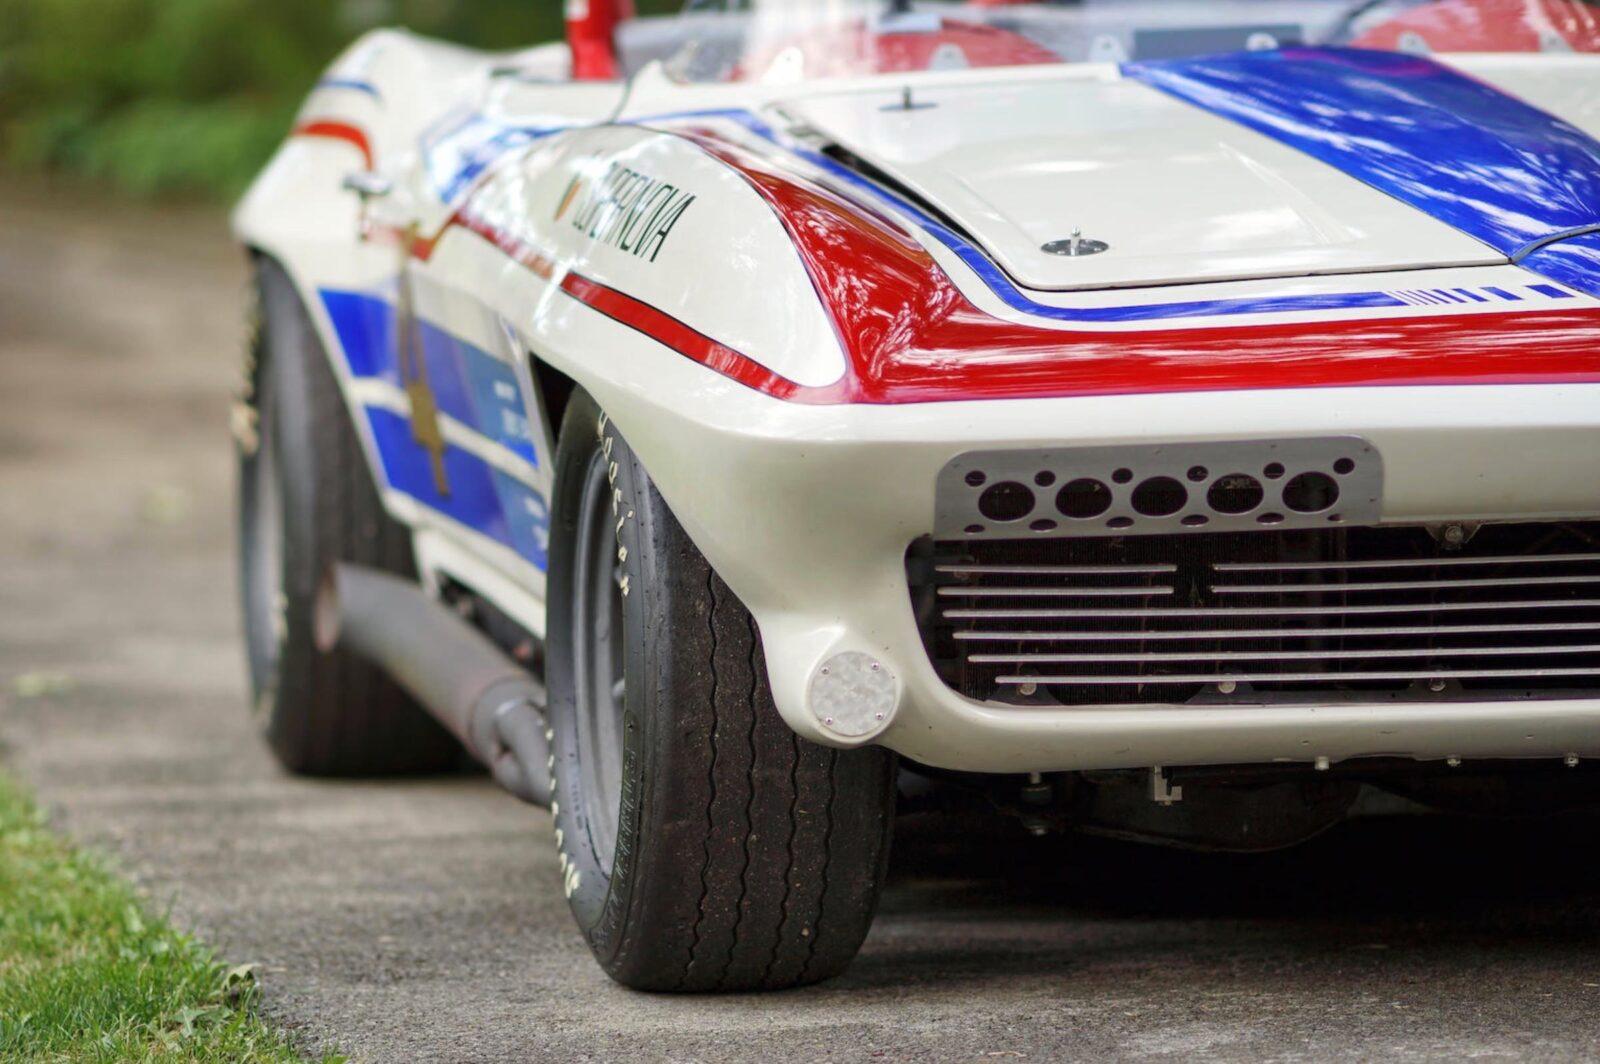 supernova corvette racer 3 1600x1064 - The Supernova Corvette - Bill Jobe's 1964 Chevrolet Corvette Racer